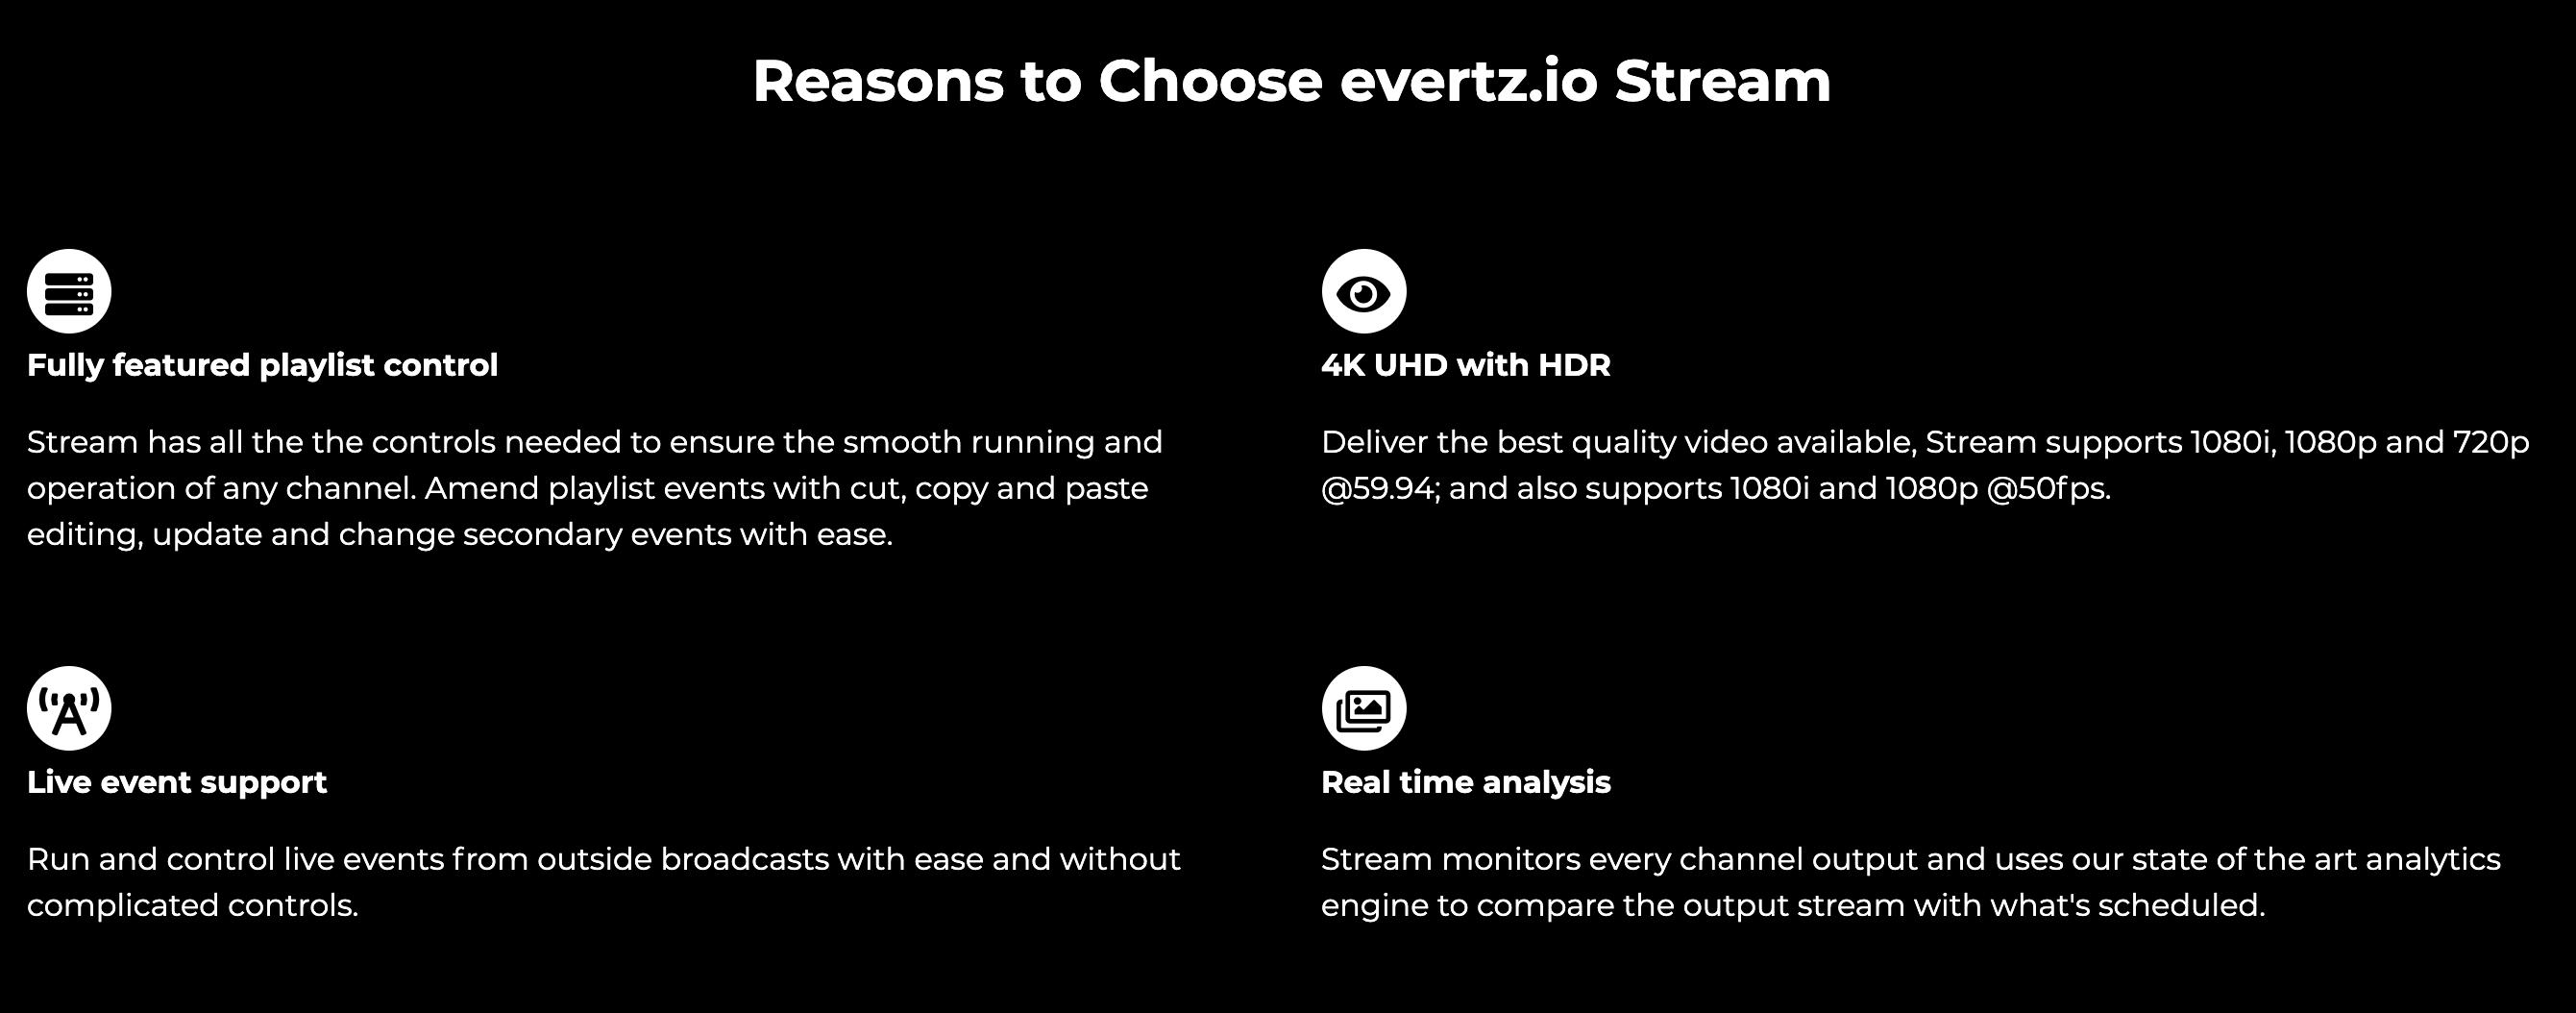 evertz.io Stream